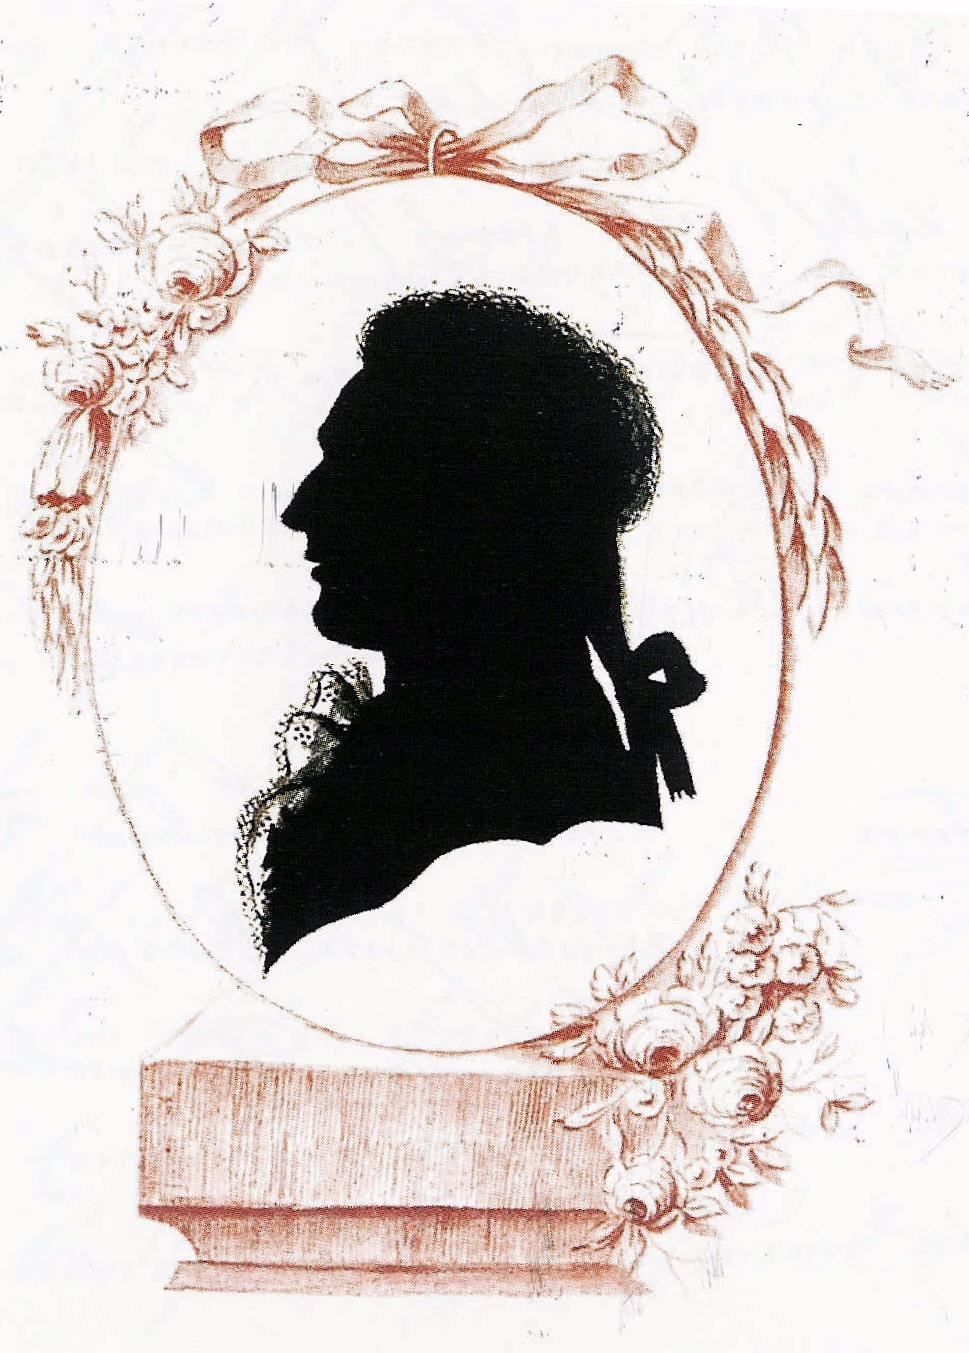 Étienne de Silhouette